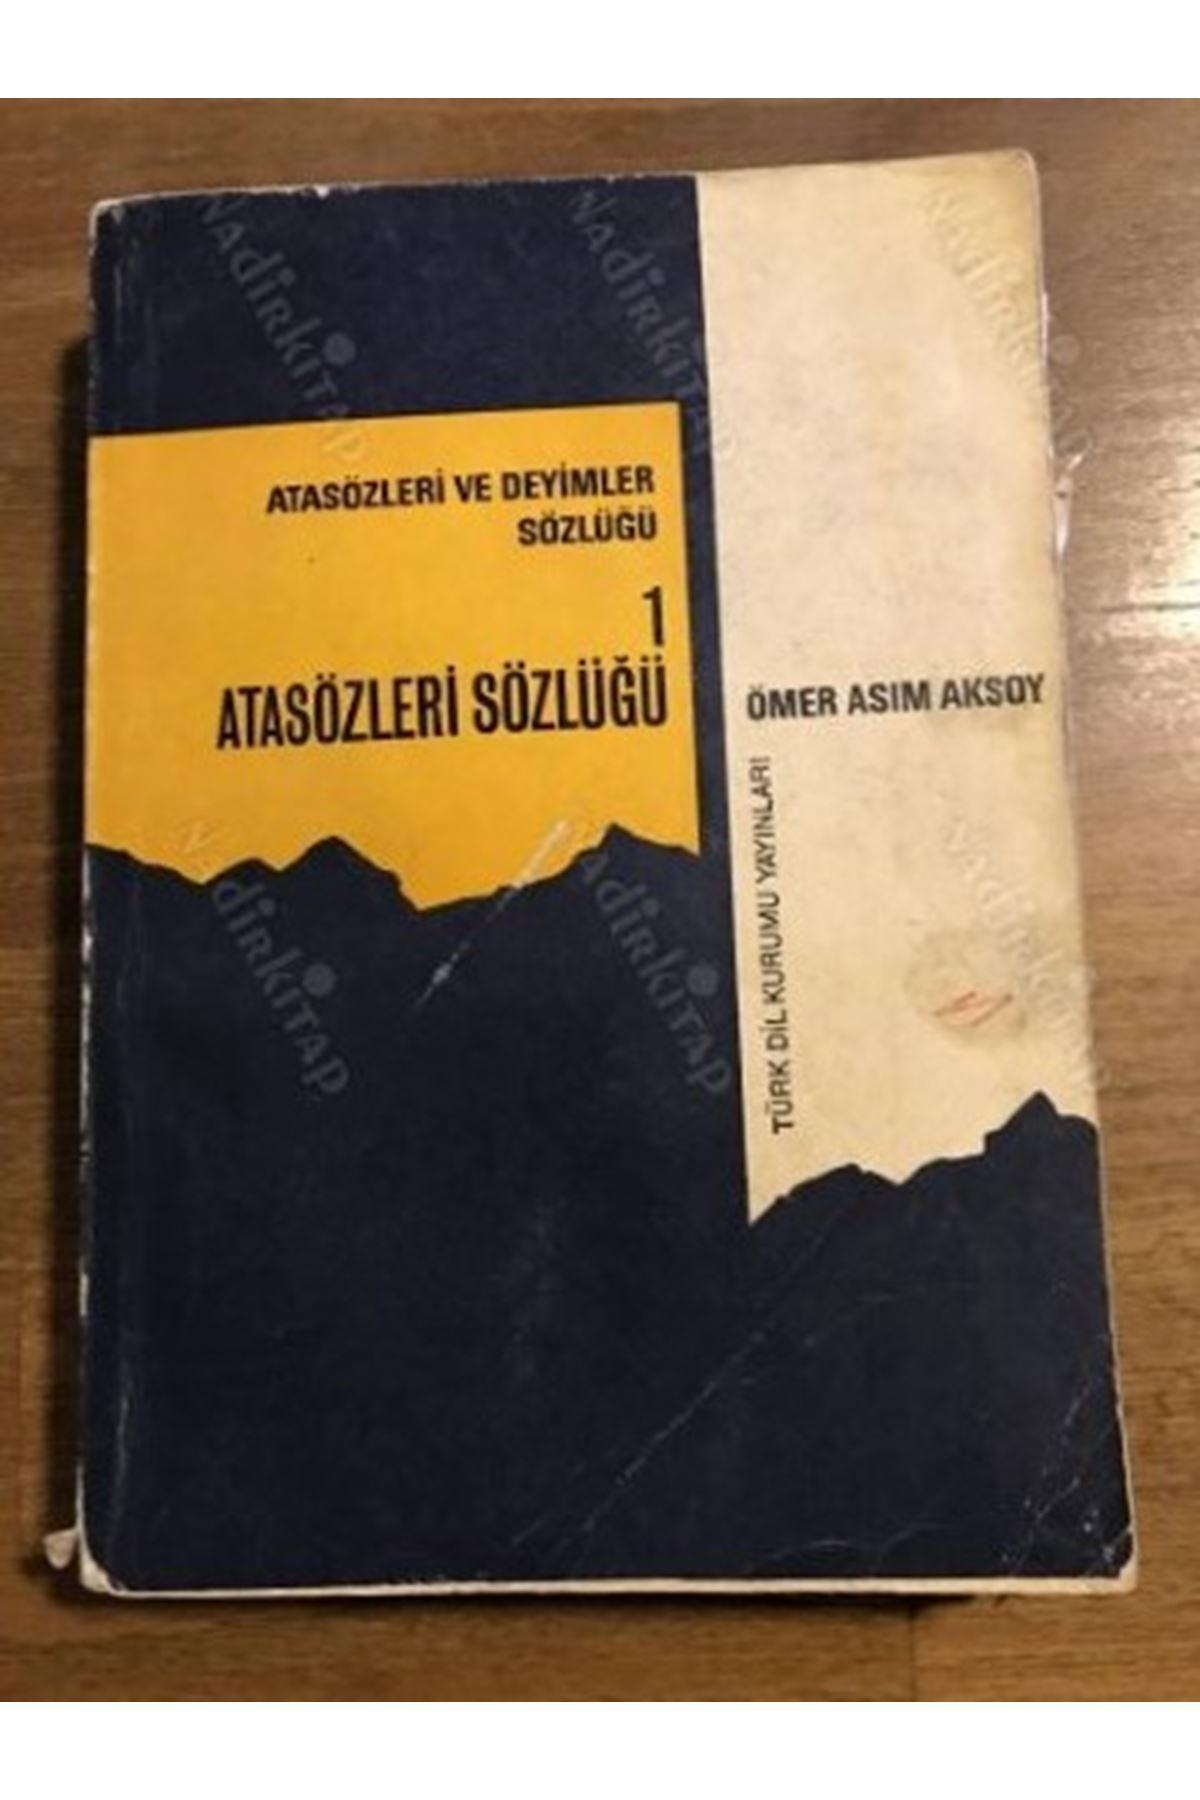 ÖMER ASIM AKSOY - ATASÖZLERİ VE DEYİMLER SÖZLÜĞÜ 1